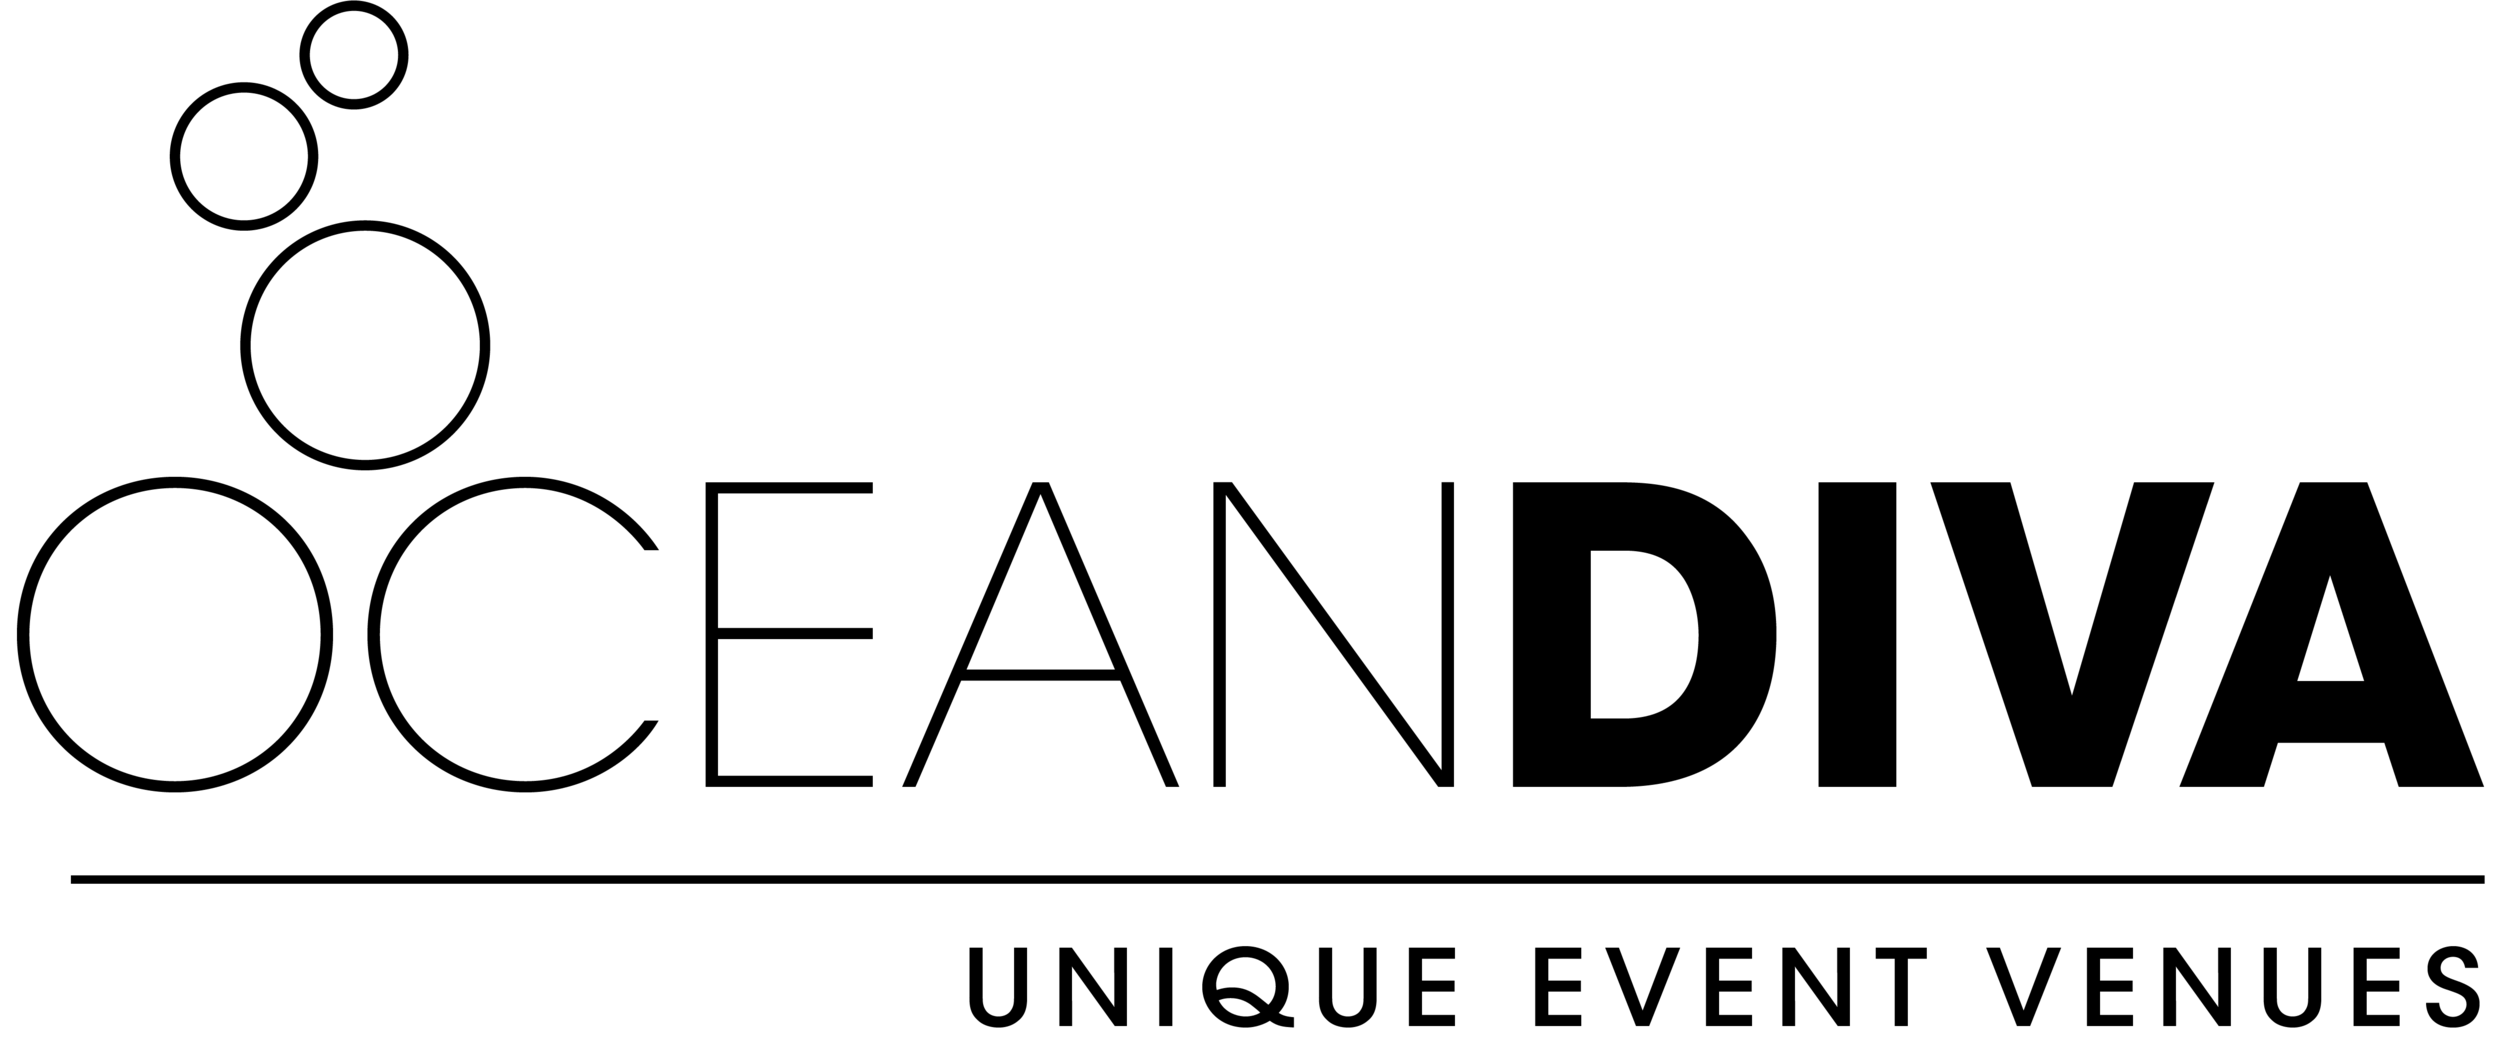 OD-LOGO-zwart-metslogan-2018.png